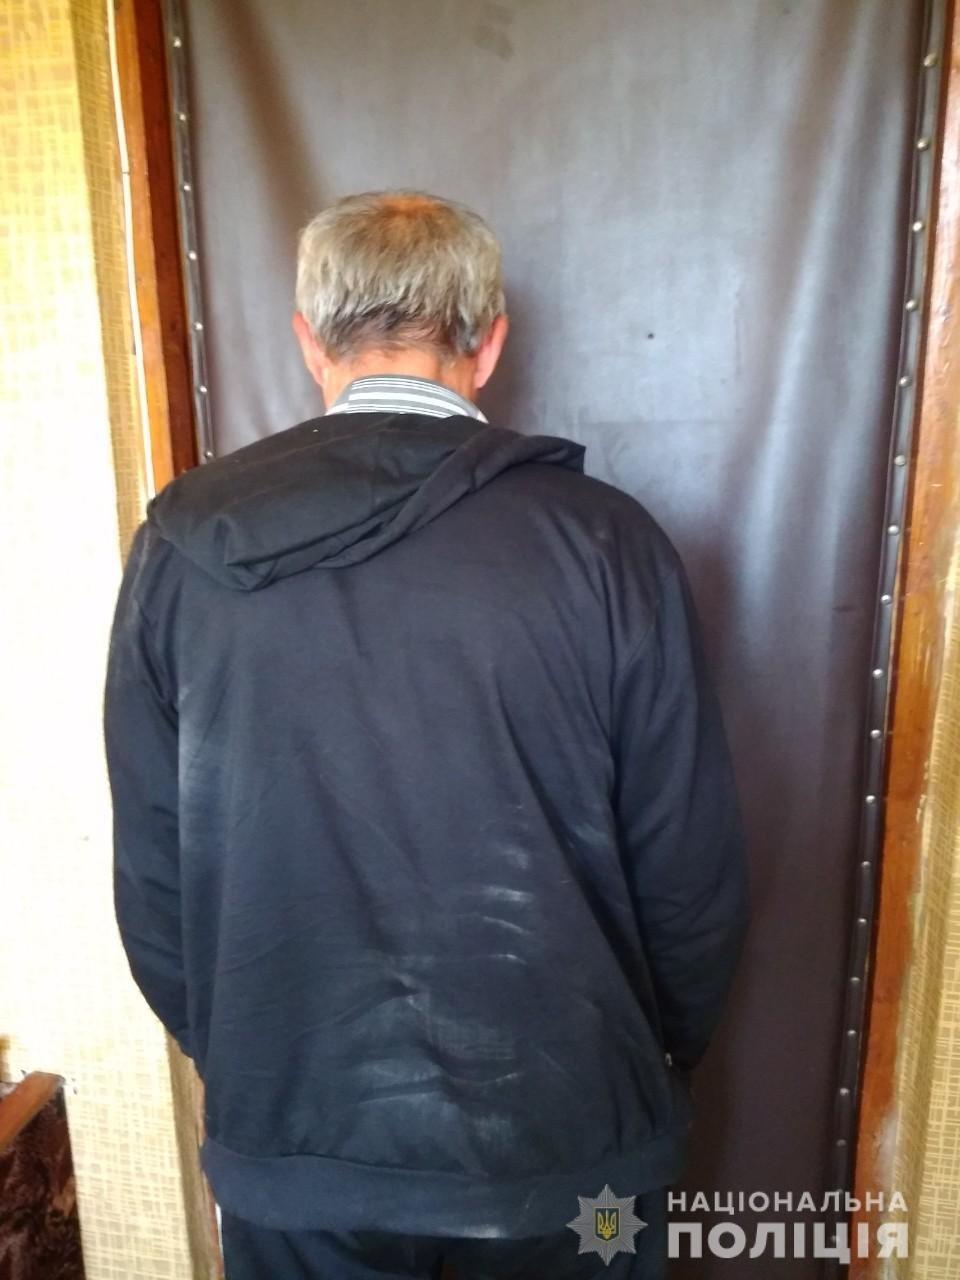 Ворвался в дом и изнасиловал женщину: на Харьковщине задержали подозреваемого, - ФОТО, фото-1